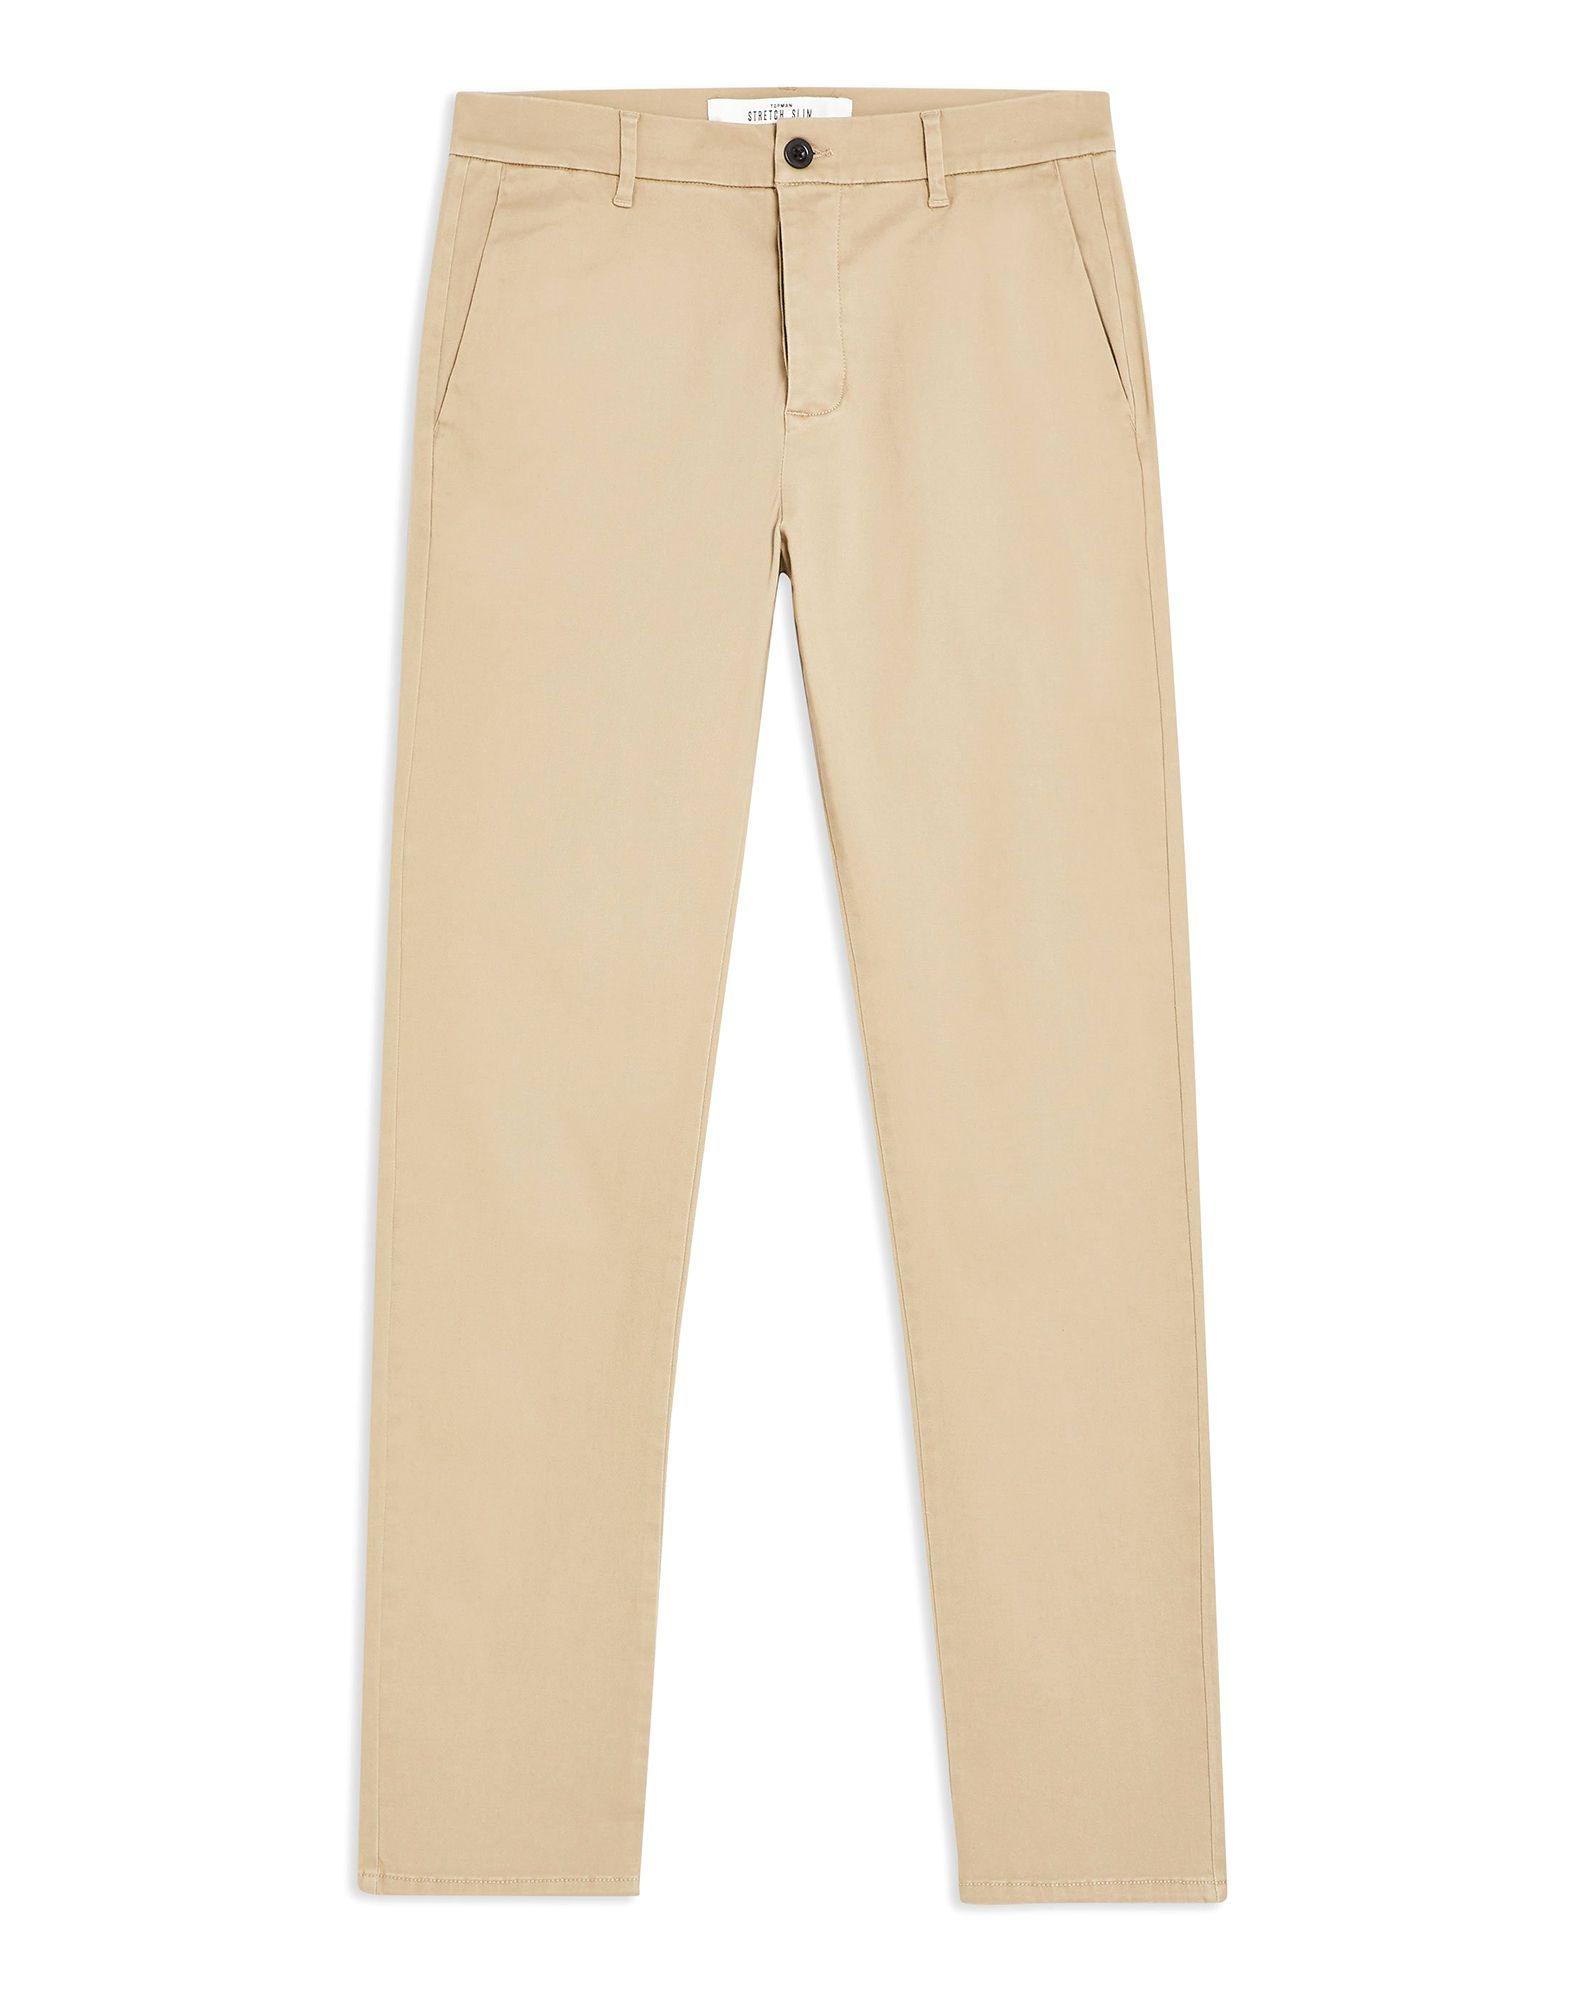 《セール開催中》TOPMAN メンズ パンツ ベージュ 30W-32L コットン 98% / ポリウレタン 2% STONE SLIM ESSENTIAL CHINOS